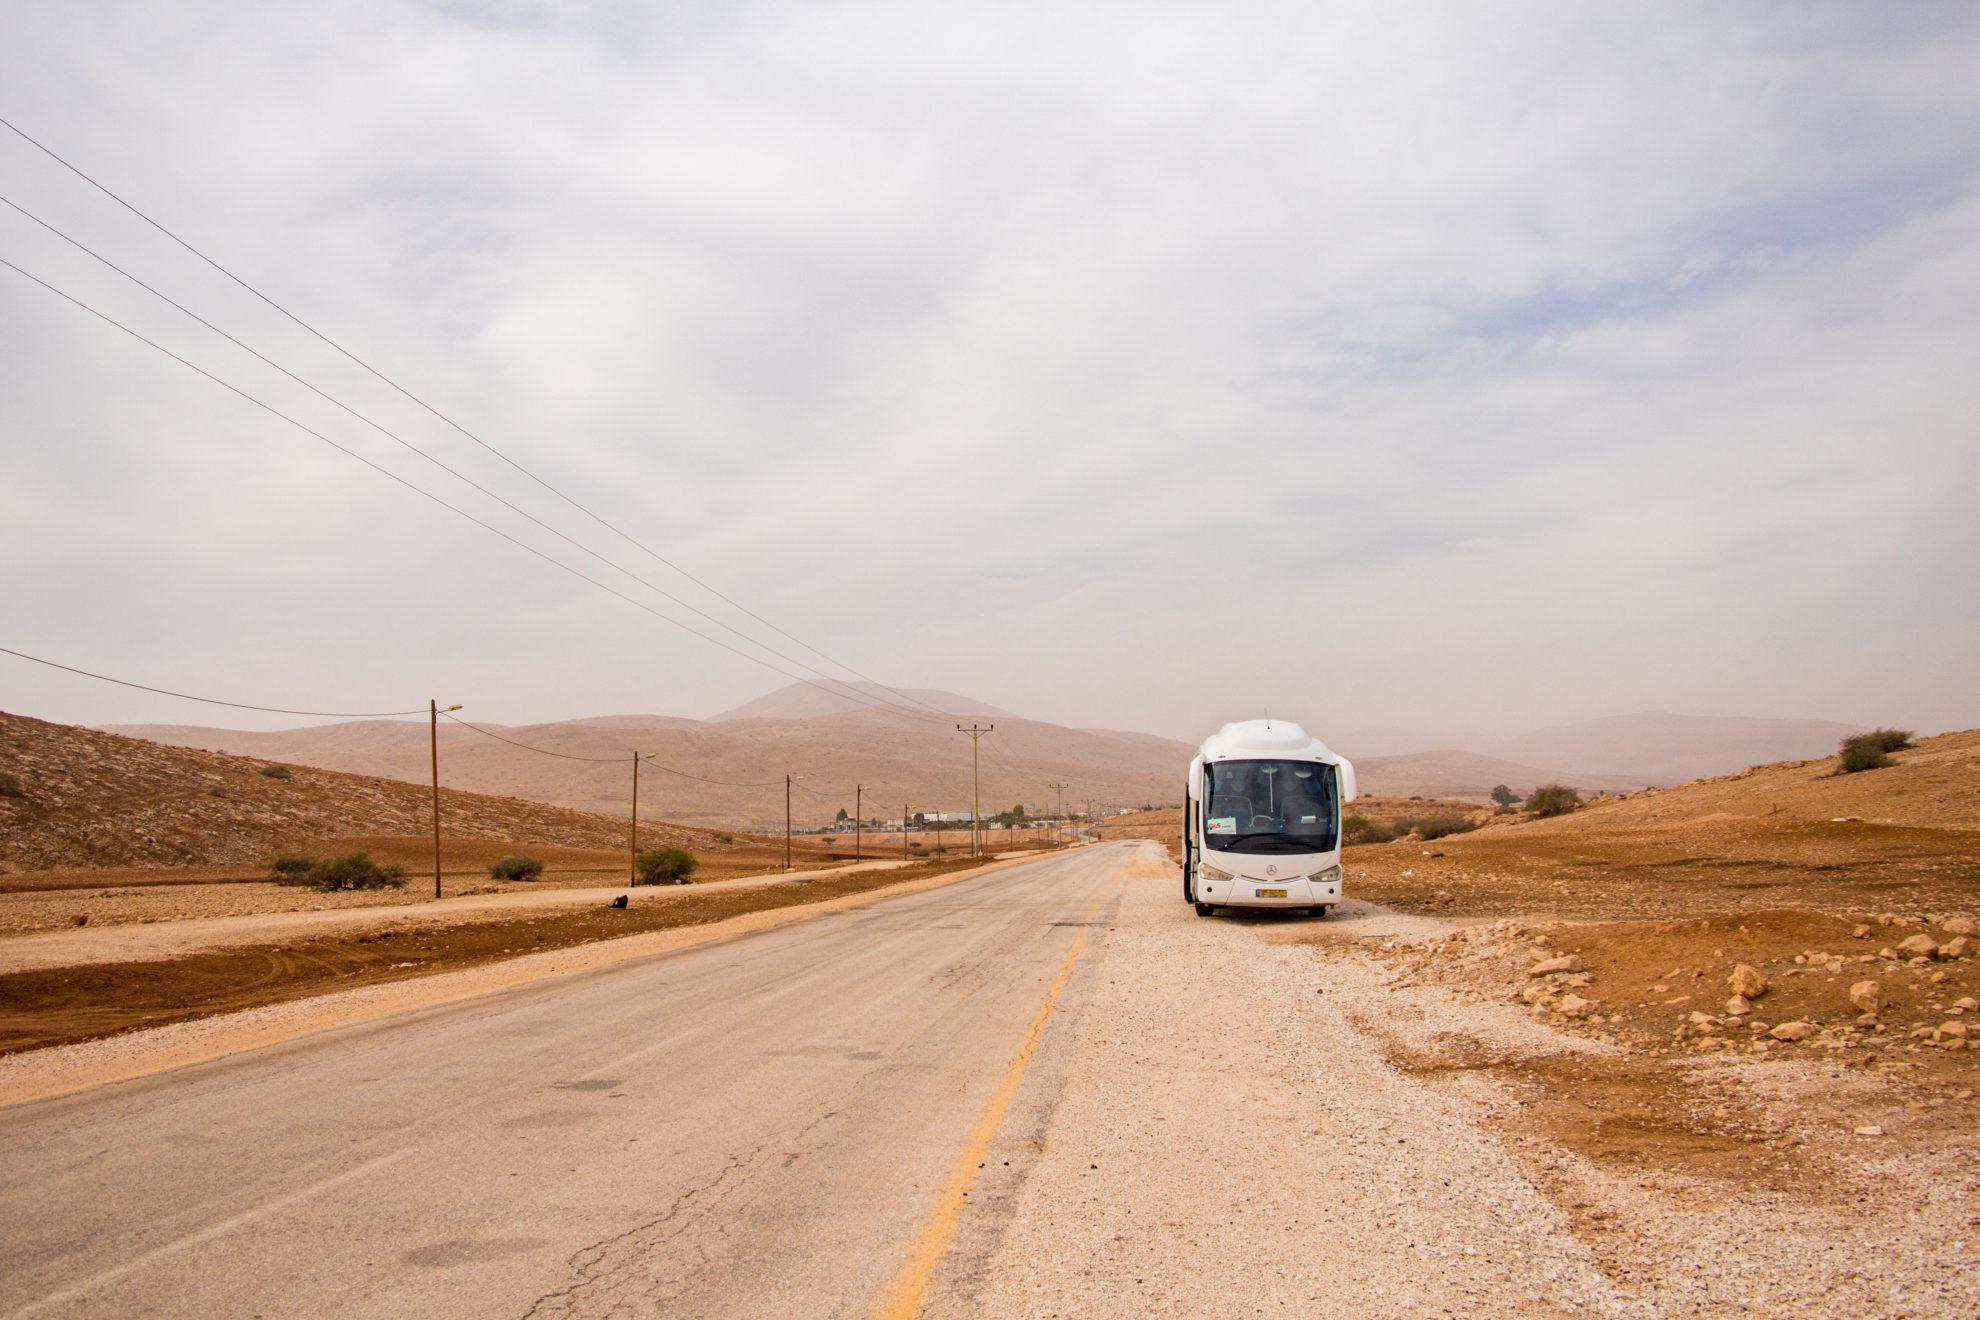 An einer staubigen kleinen Asphaltstraße steht ein weißer Bus, links verlaufen Strommasten, im Hintergrund ist eine hügelige Wüstenlandschaft zu sehen